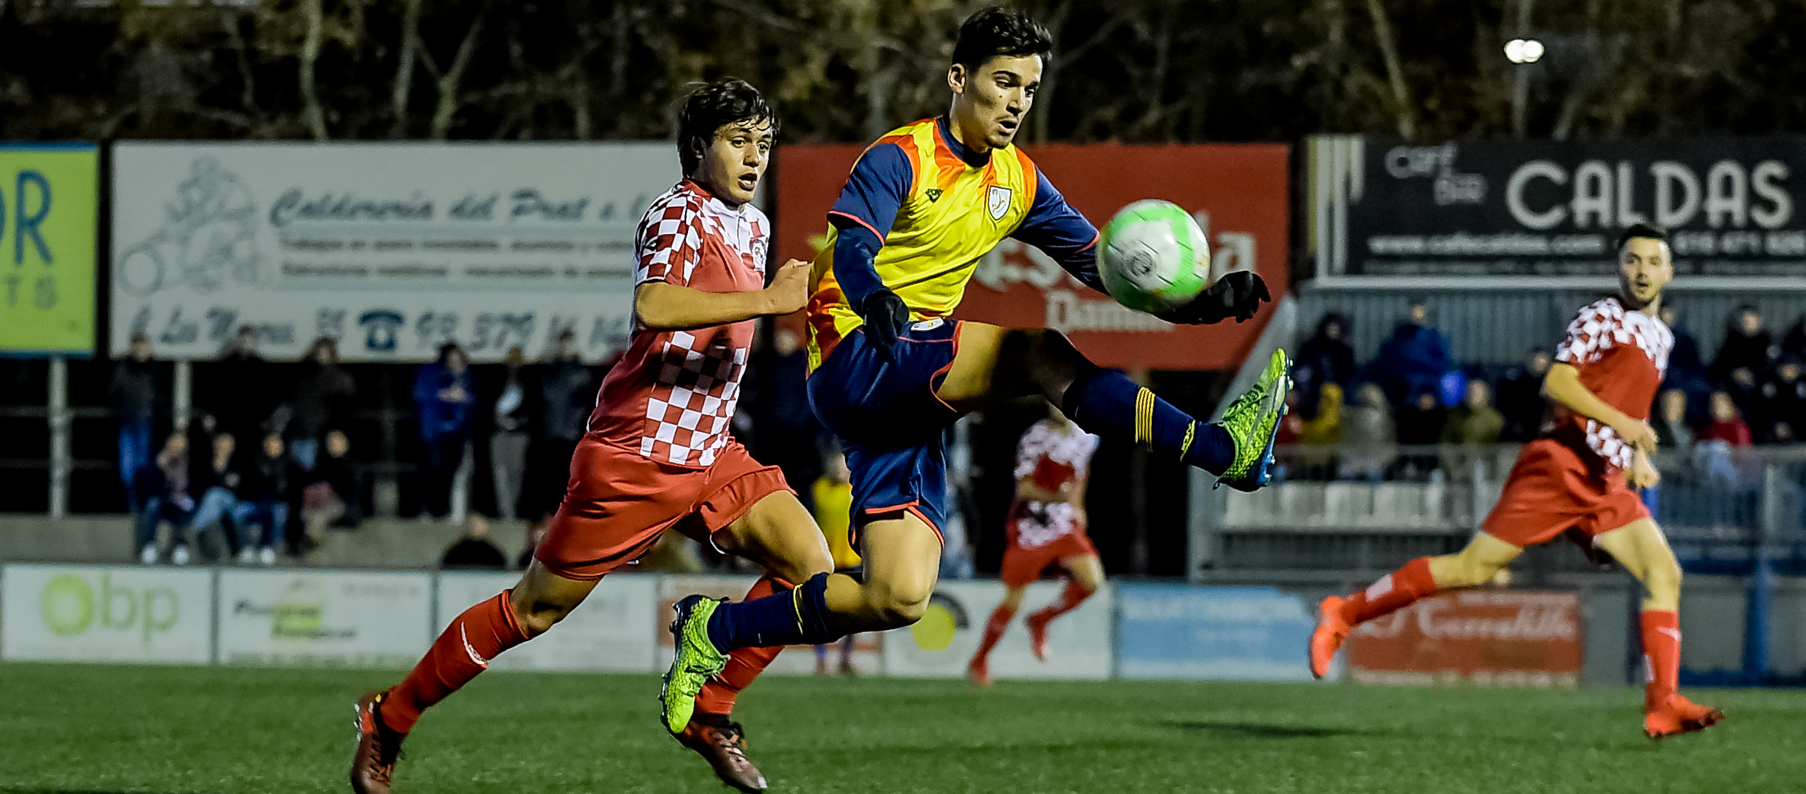 La sub 16 i sub 18 masculines jugaran la segona fase del Campionat d'Espanya a Mallorca